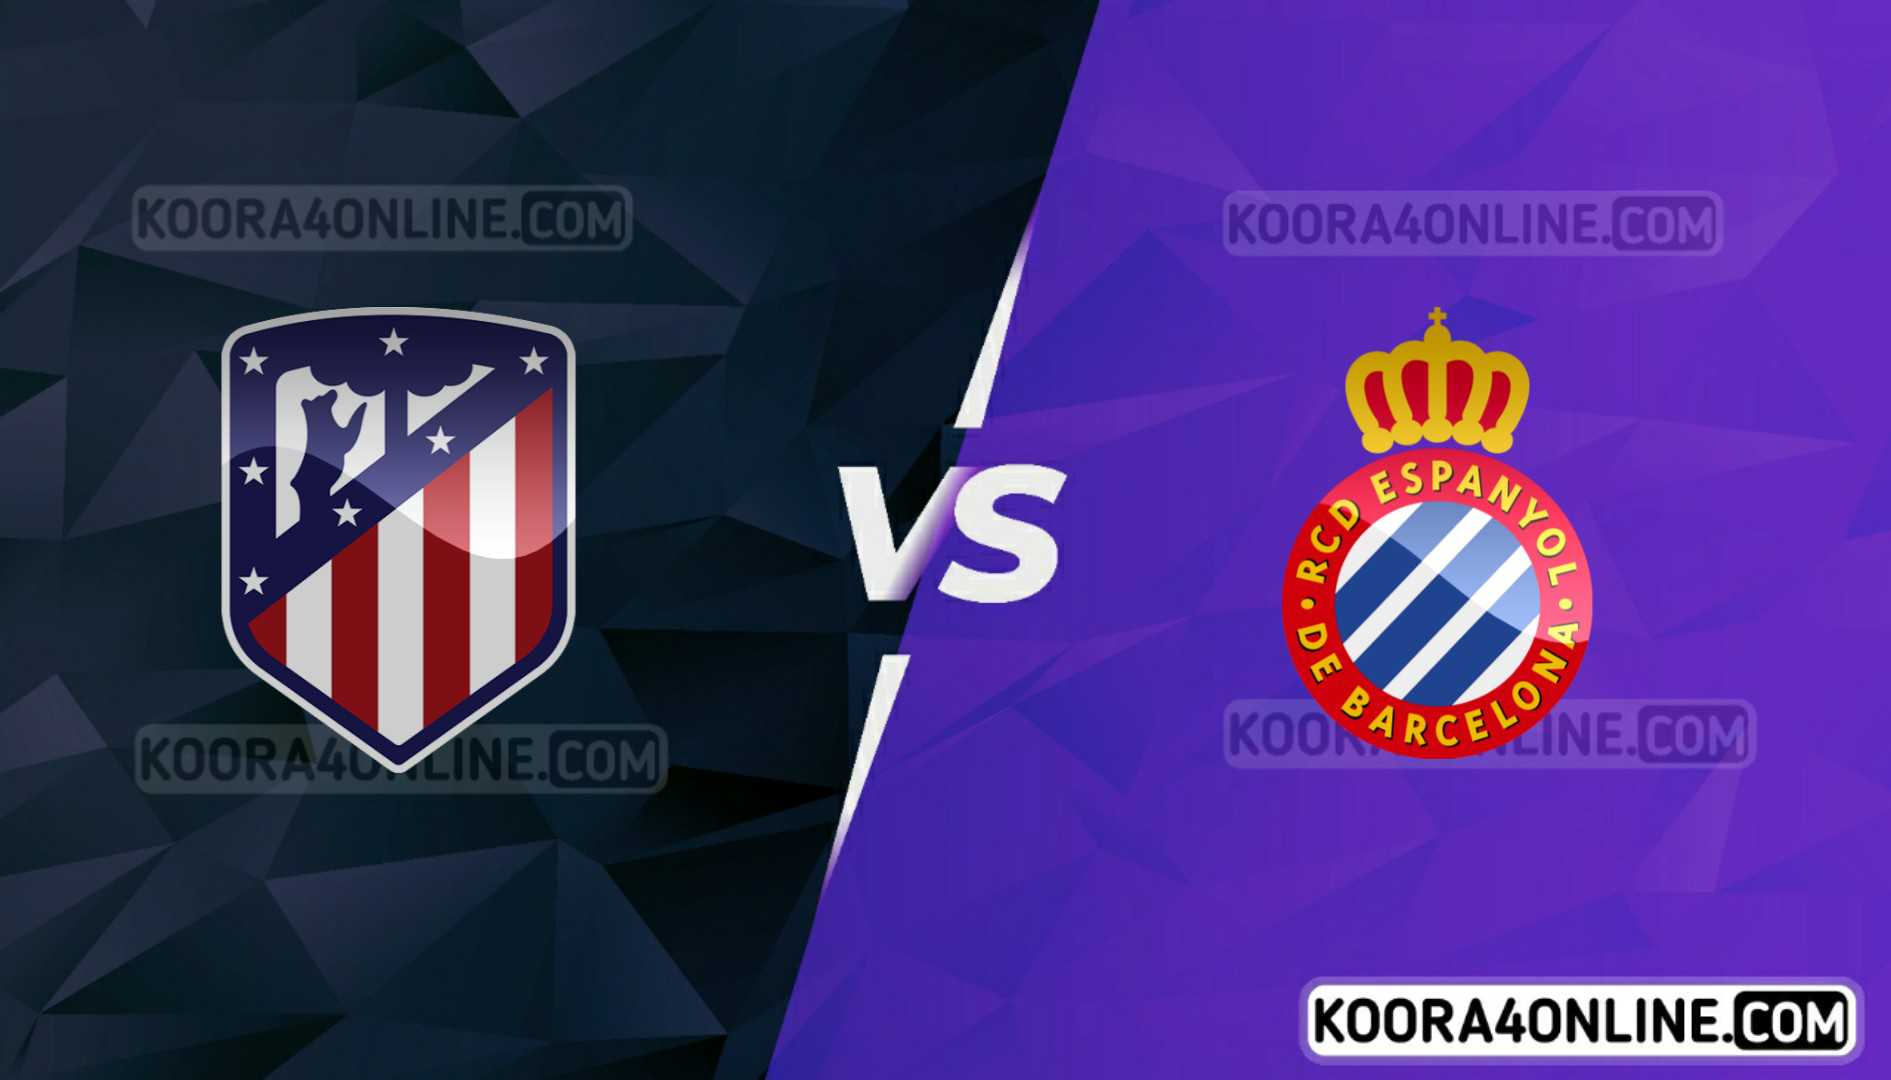 مشاهدة مباراة أتلتيكو مدريد وإسبانيول القادمة كورة اون لاين بث مباشر اليوم 12-09-2021 في الدوري الإسباني